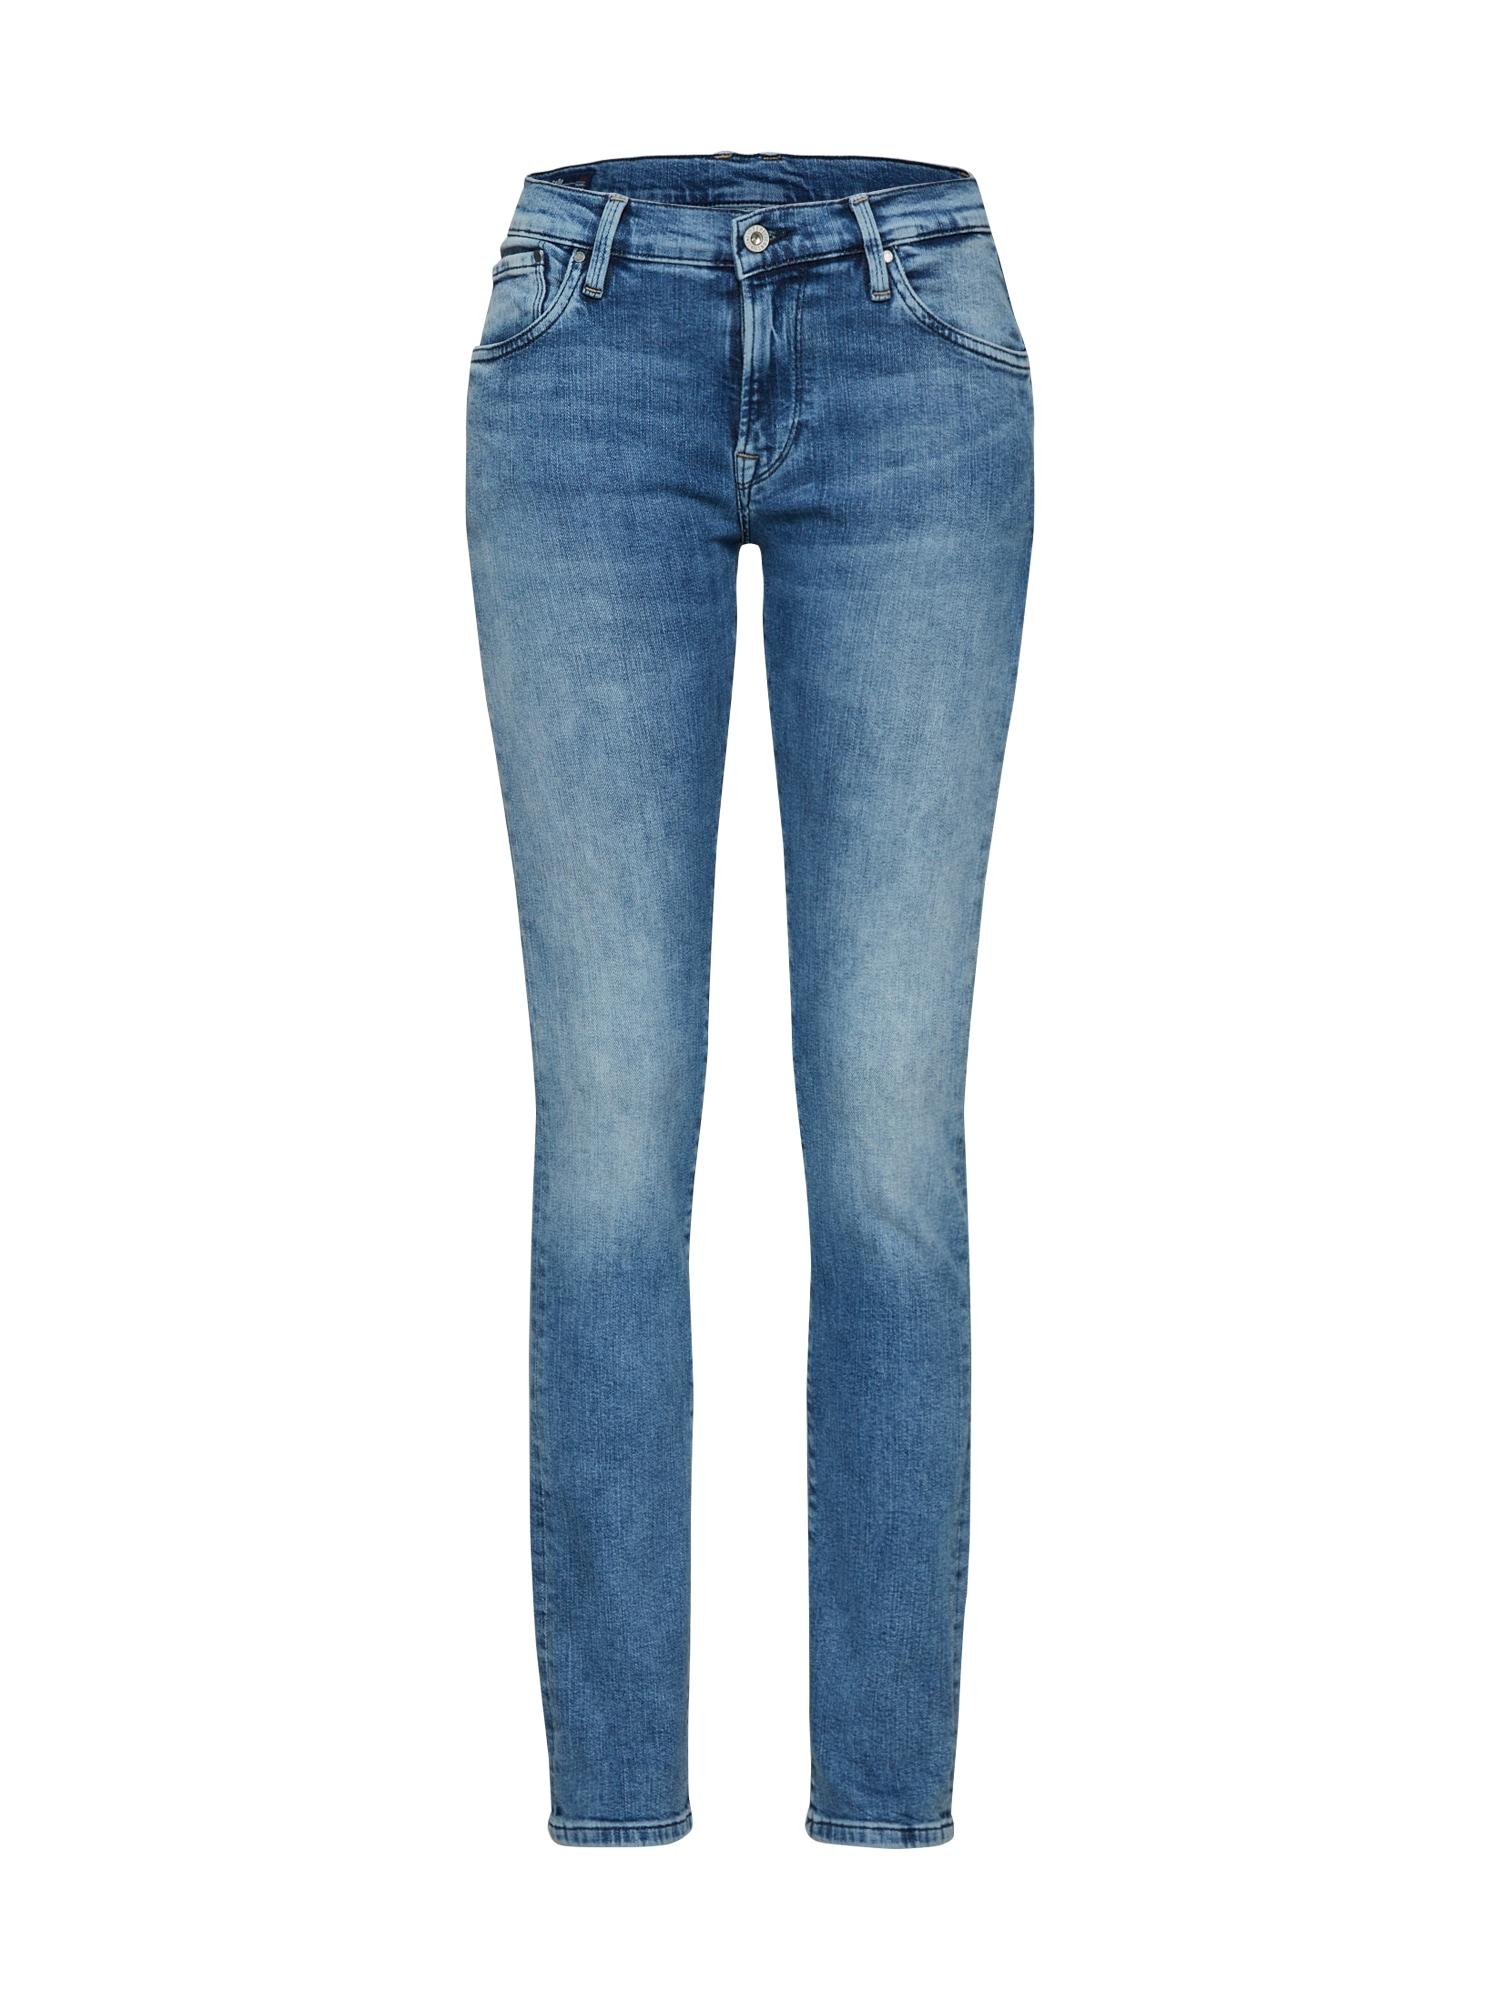 Džíny Victoria modrá džínovina Pepe Jeans